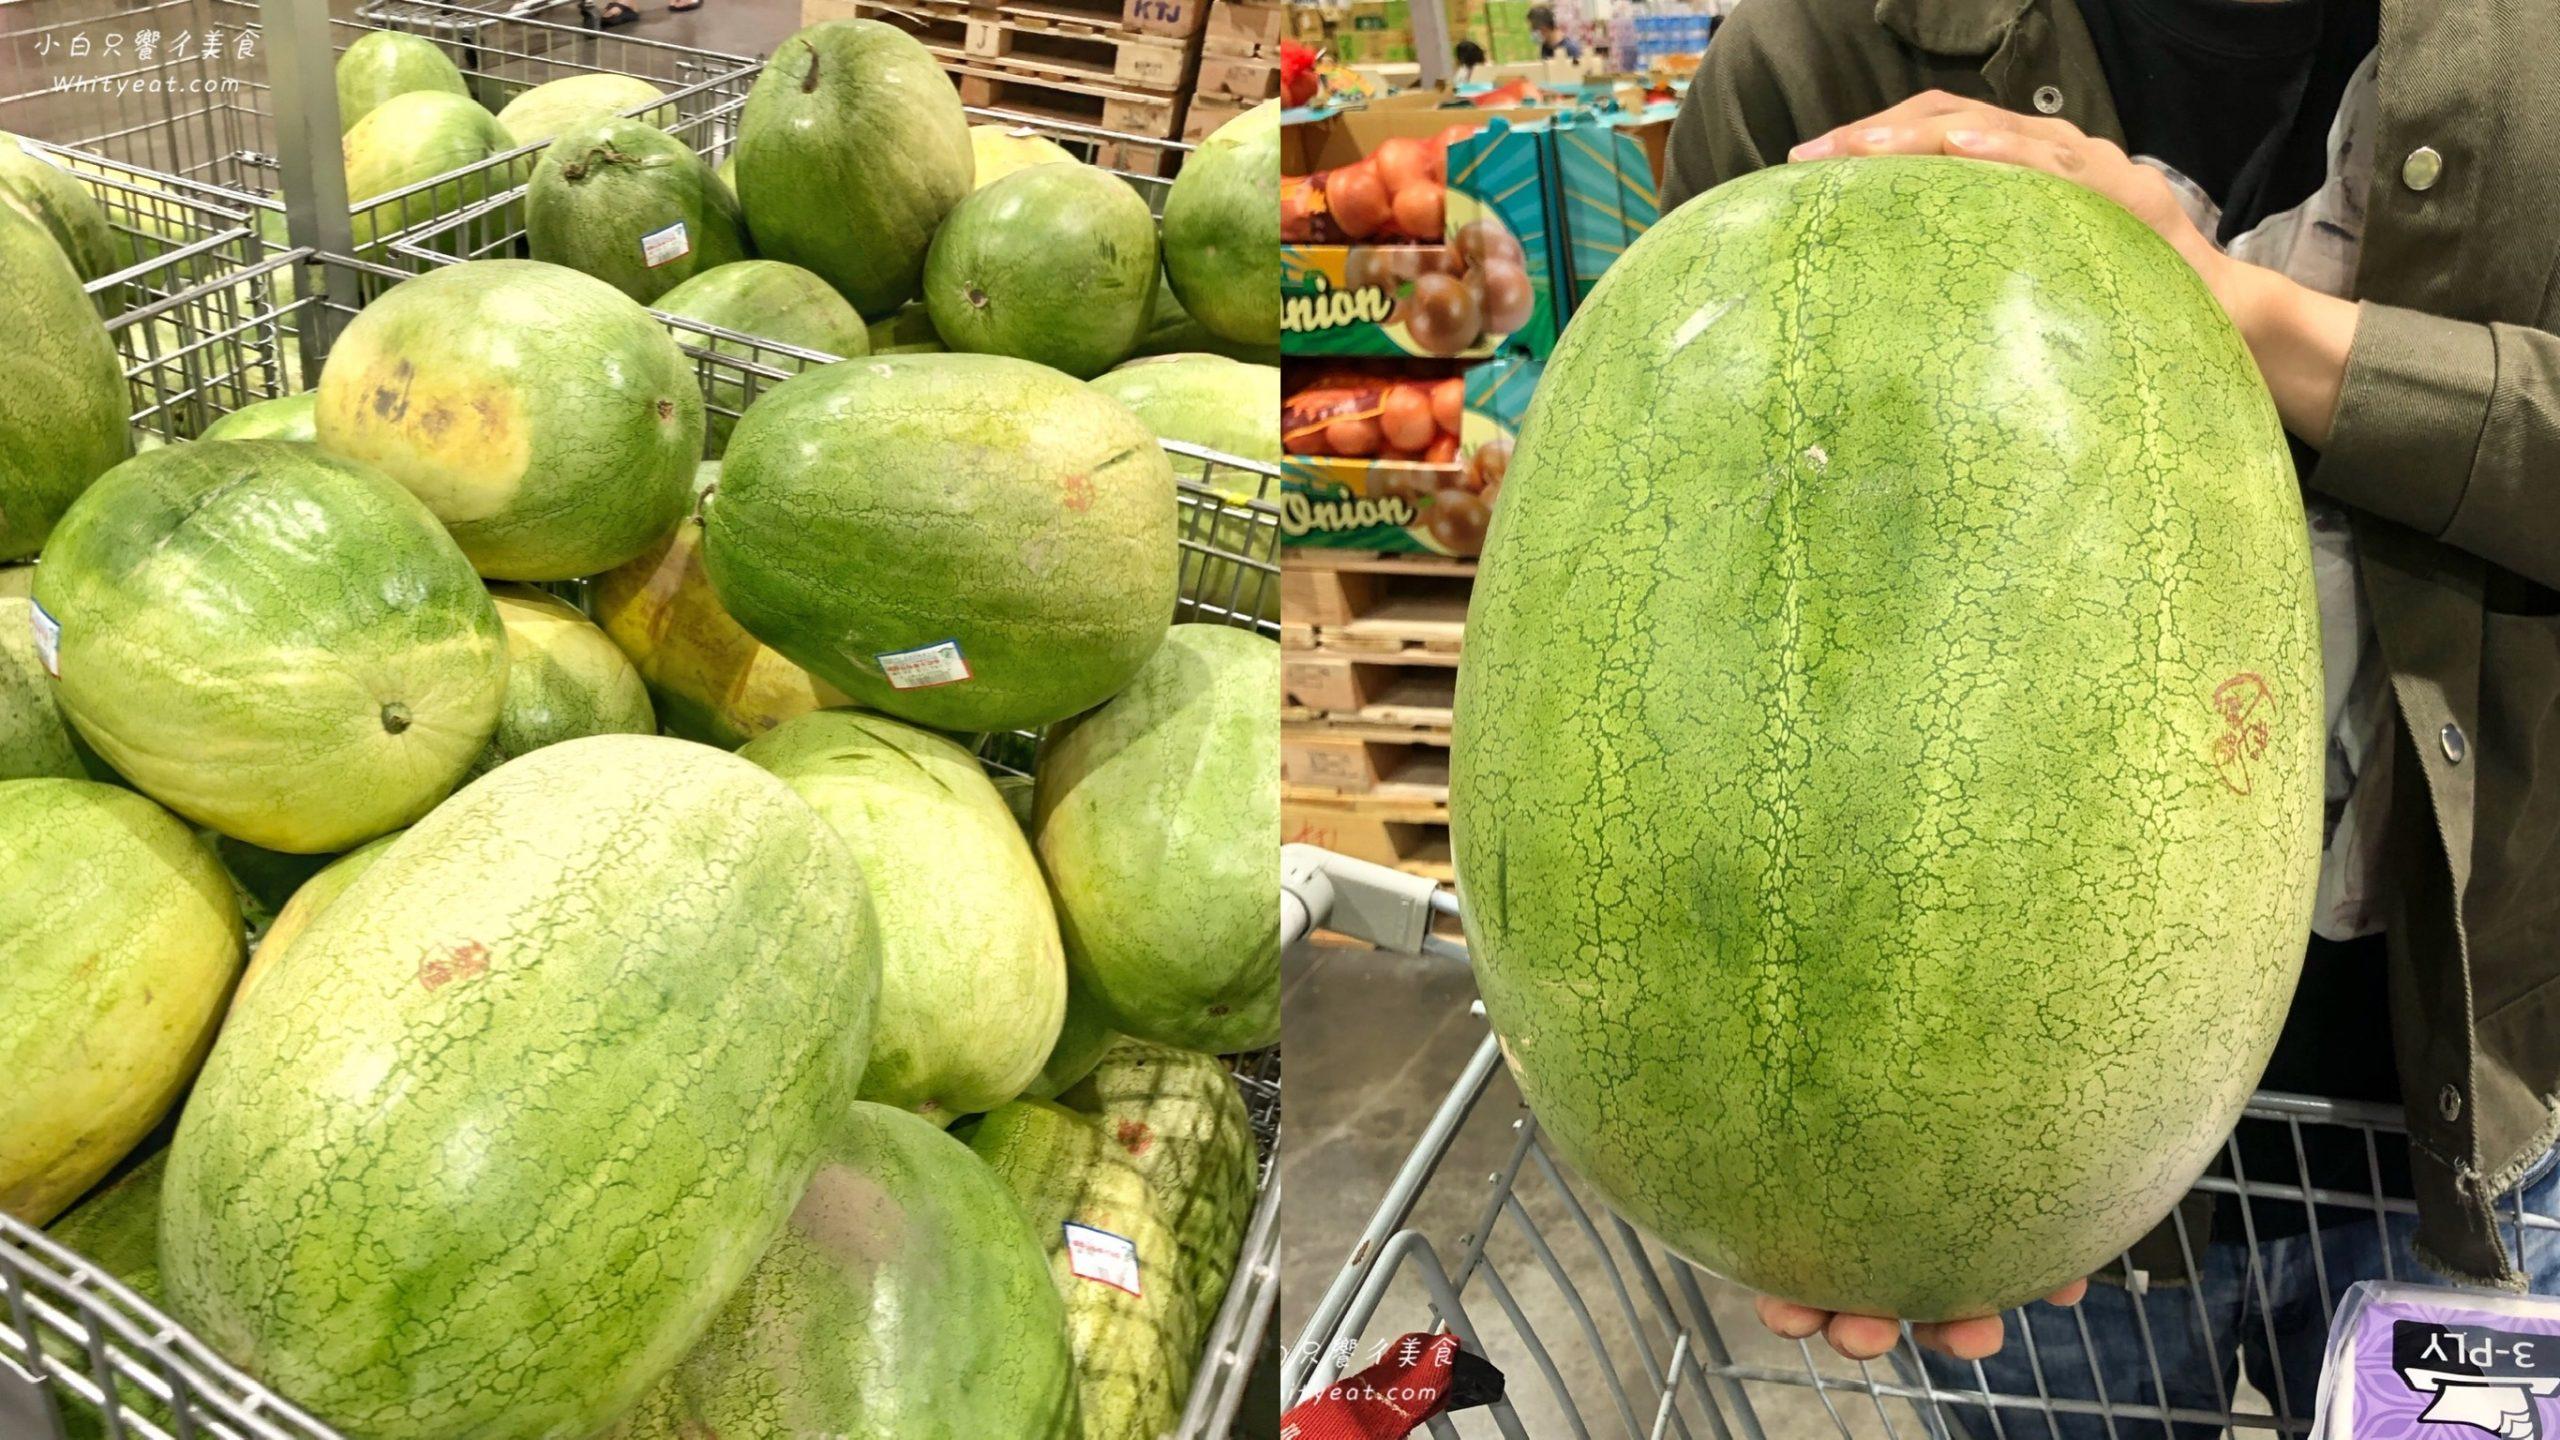 好市多驚見「13公斤大西瓜」竟免200元還有找!真的好吃嗎?